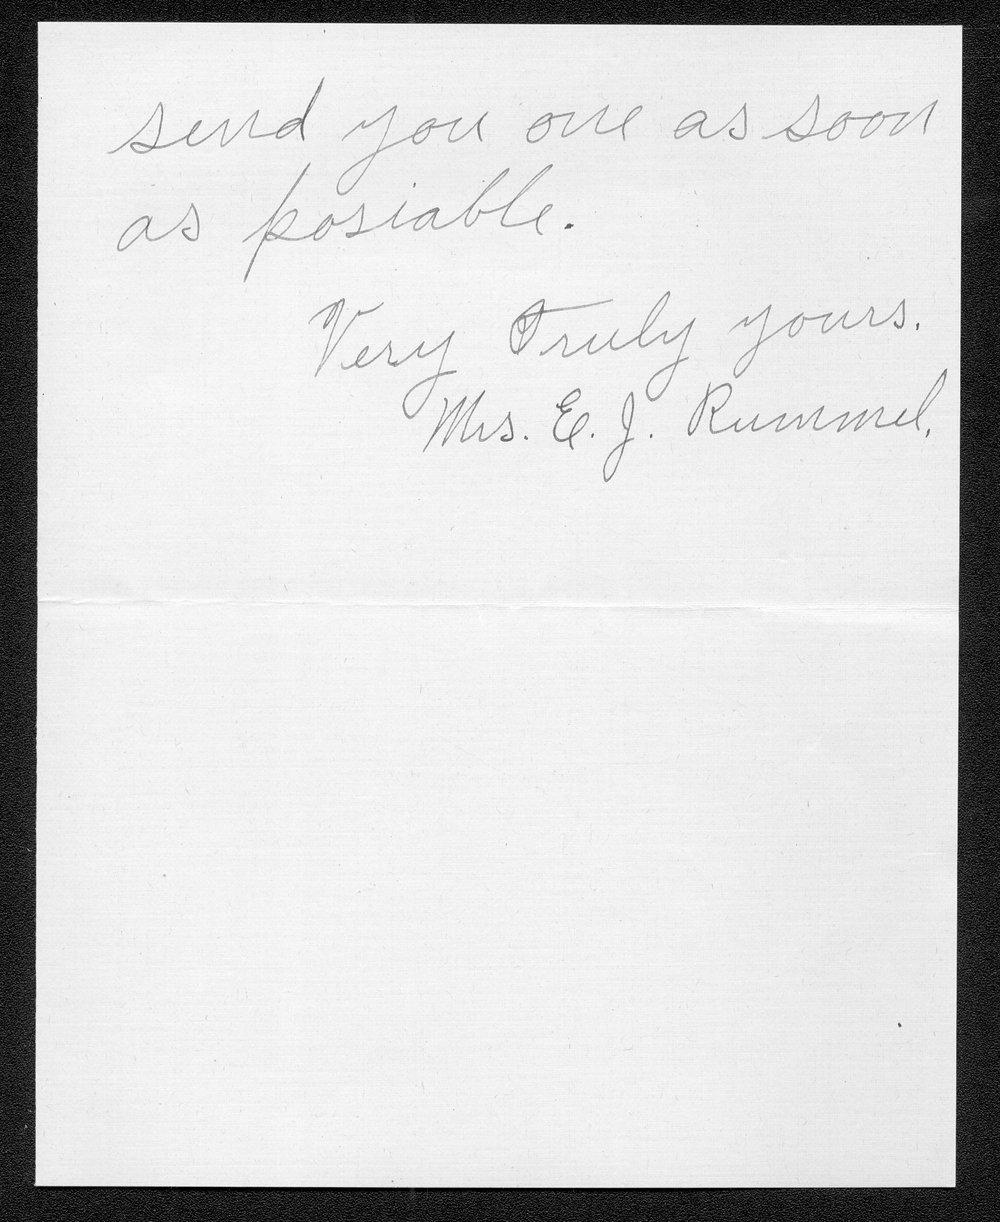 Ross J. Rummel, World War I soldier - 6